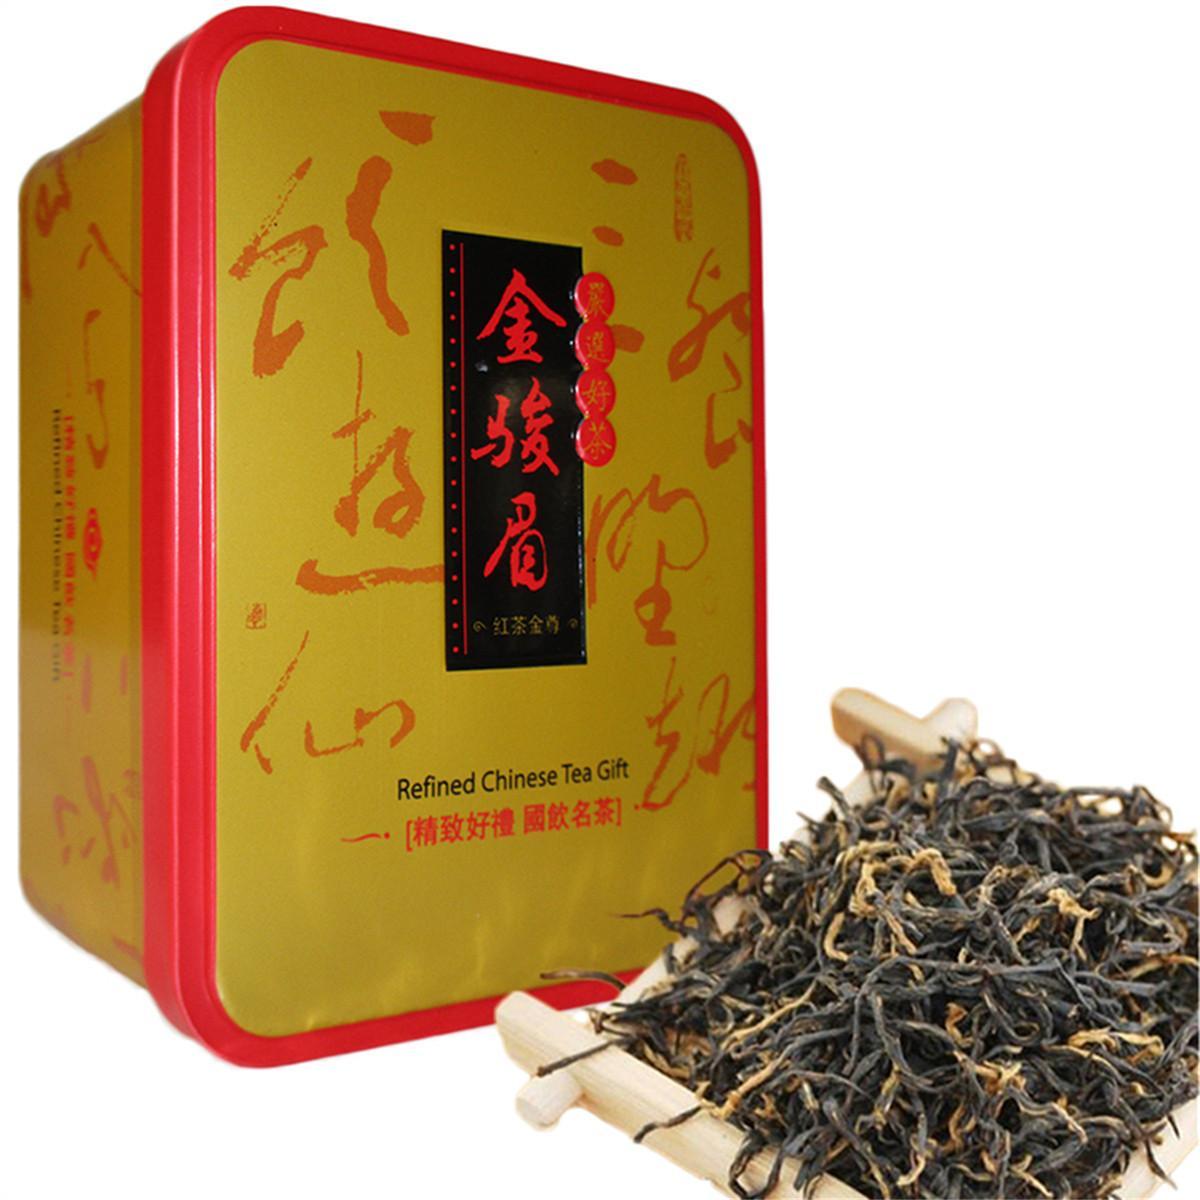 104g Negro chino de té orgánico Jinjunmei Kimchunmei Té Rojo Cuidado de la Salud Nueva cocido té verde de alimentos de hierro en caja de regalo del paquete